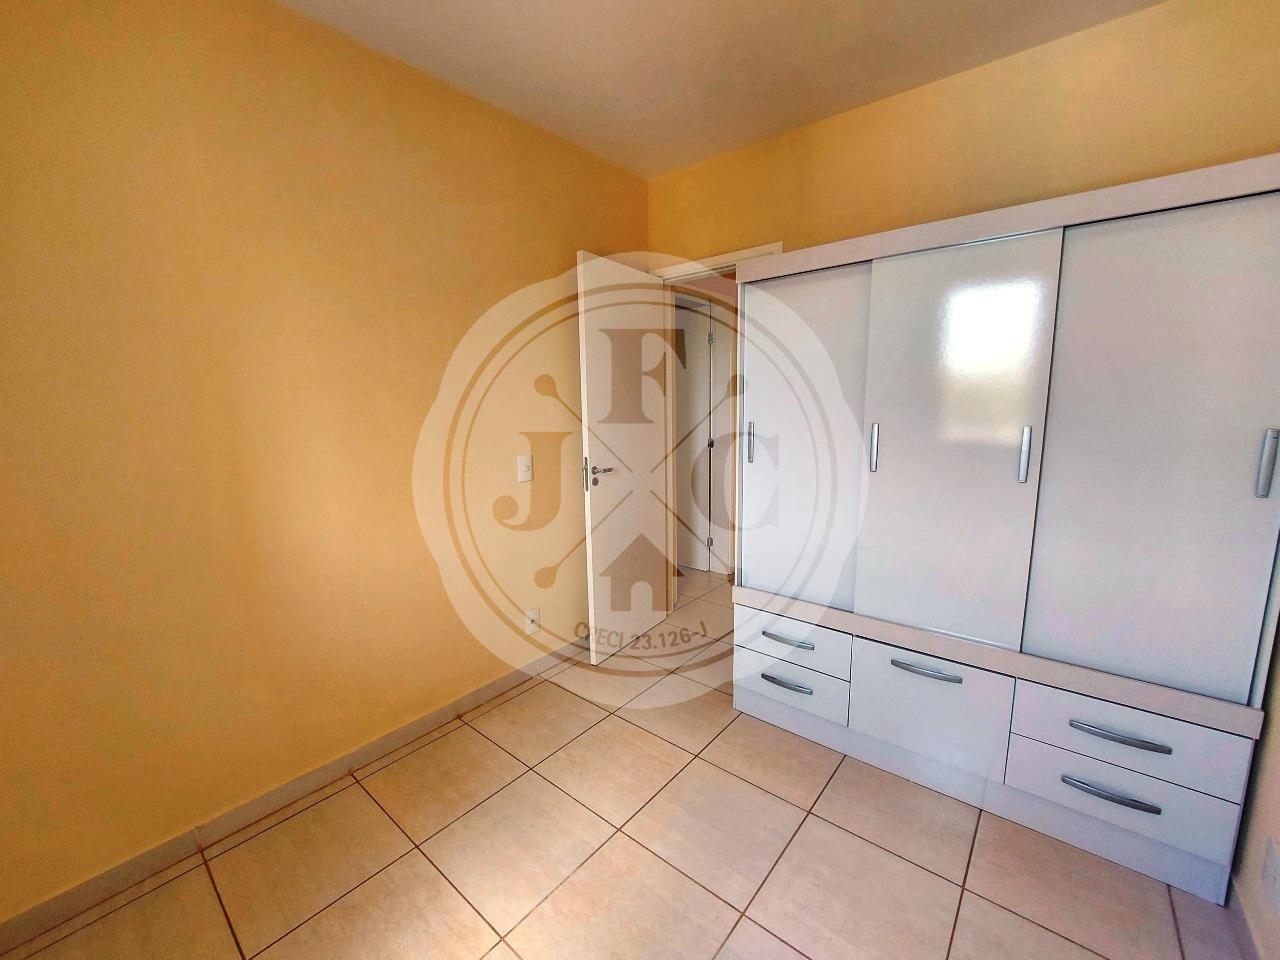 Apartamento para aluguel no Vila do Golf: Dormitório 2